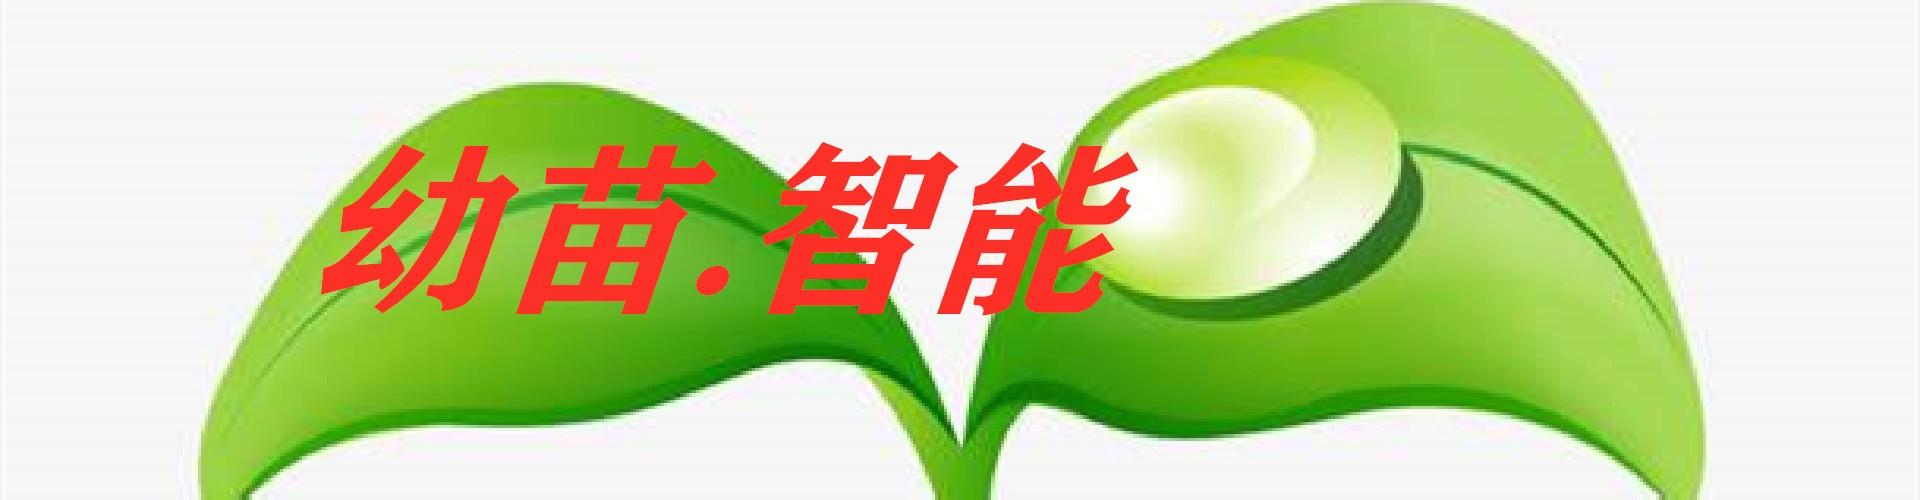 湘潭幼苗智能科技有限公司